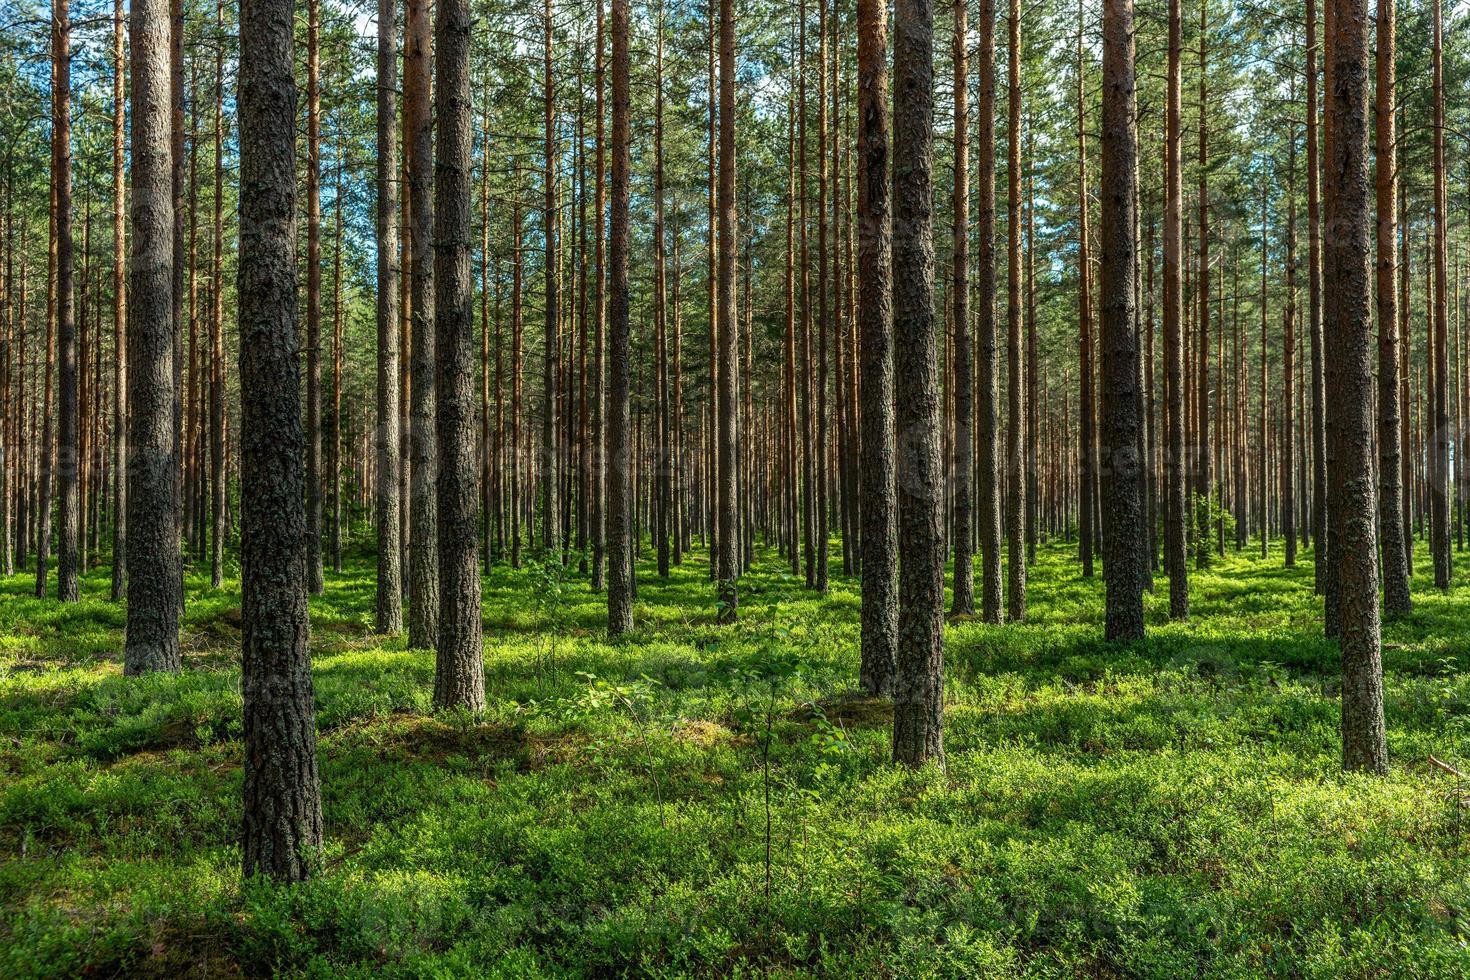 sol vespertino en un bosque de pinos foto